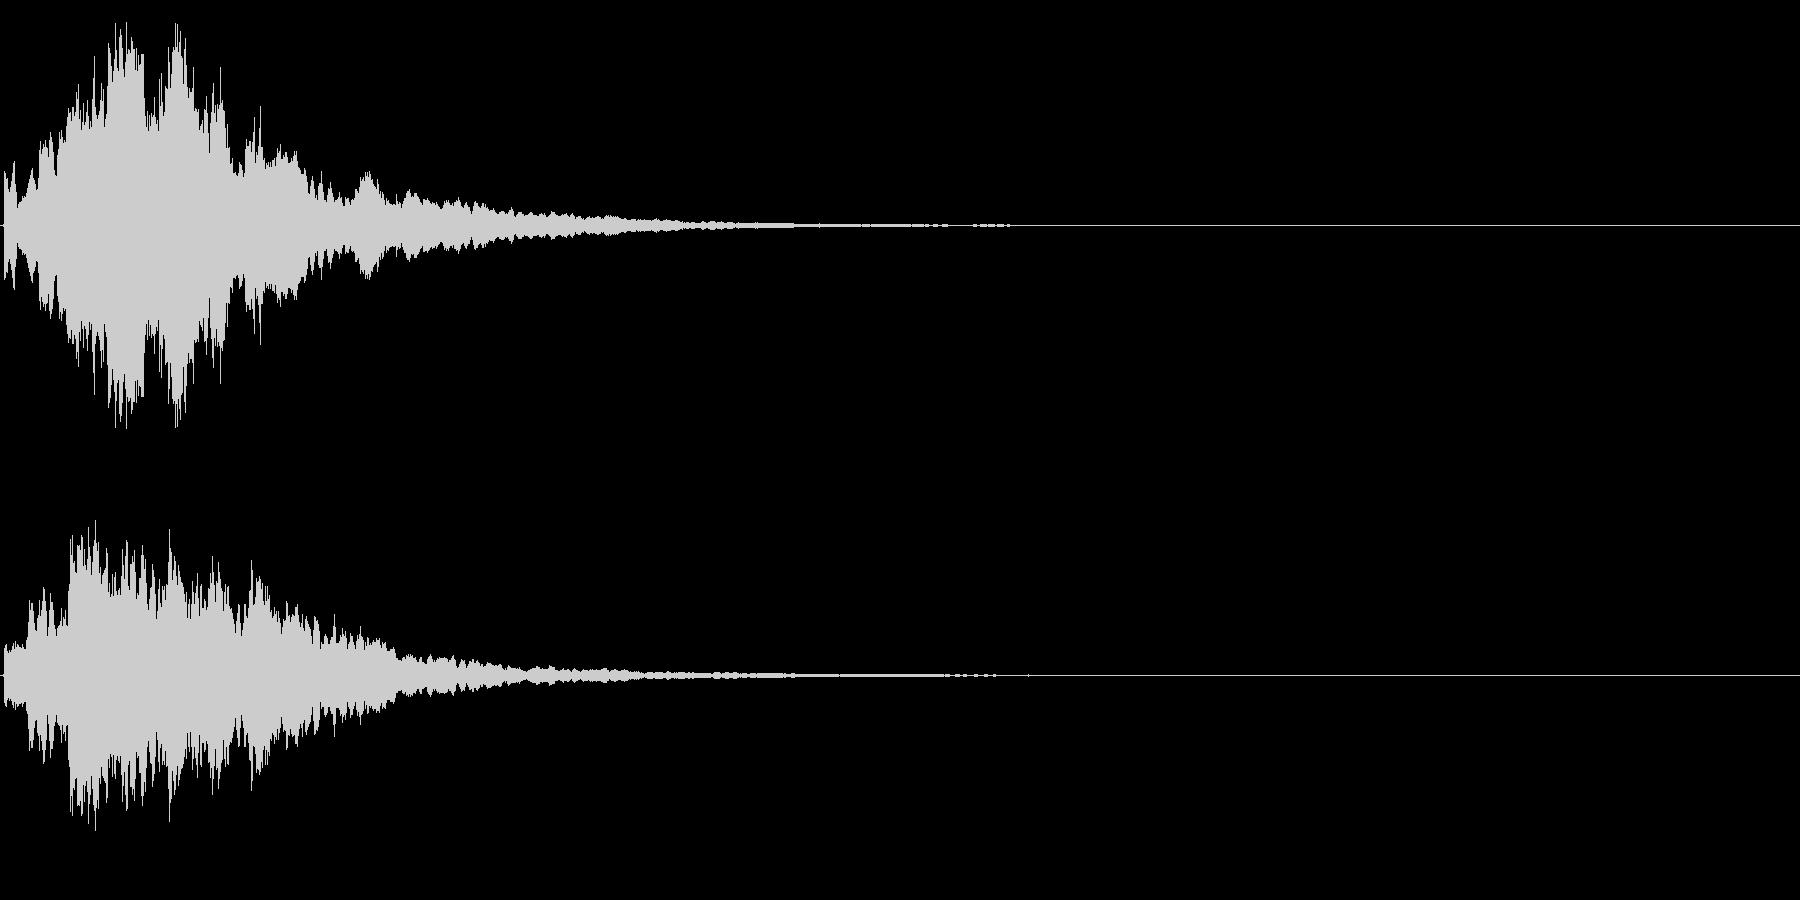 ゲームスタート、決定、ボタン音-128の未再生の波形